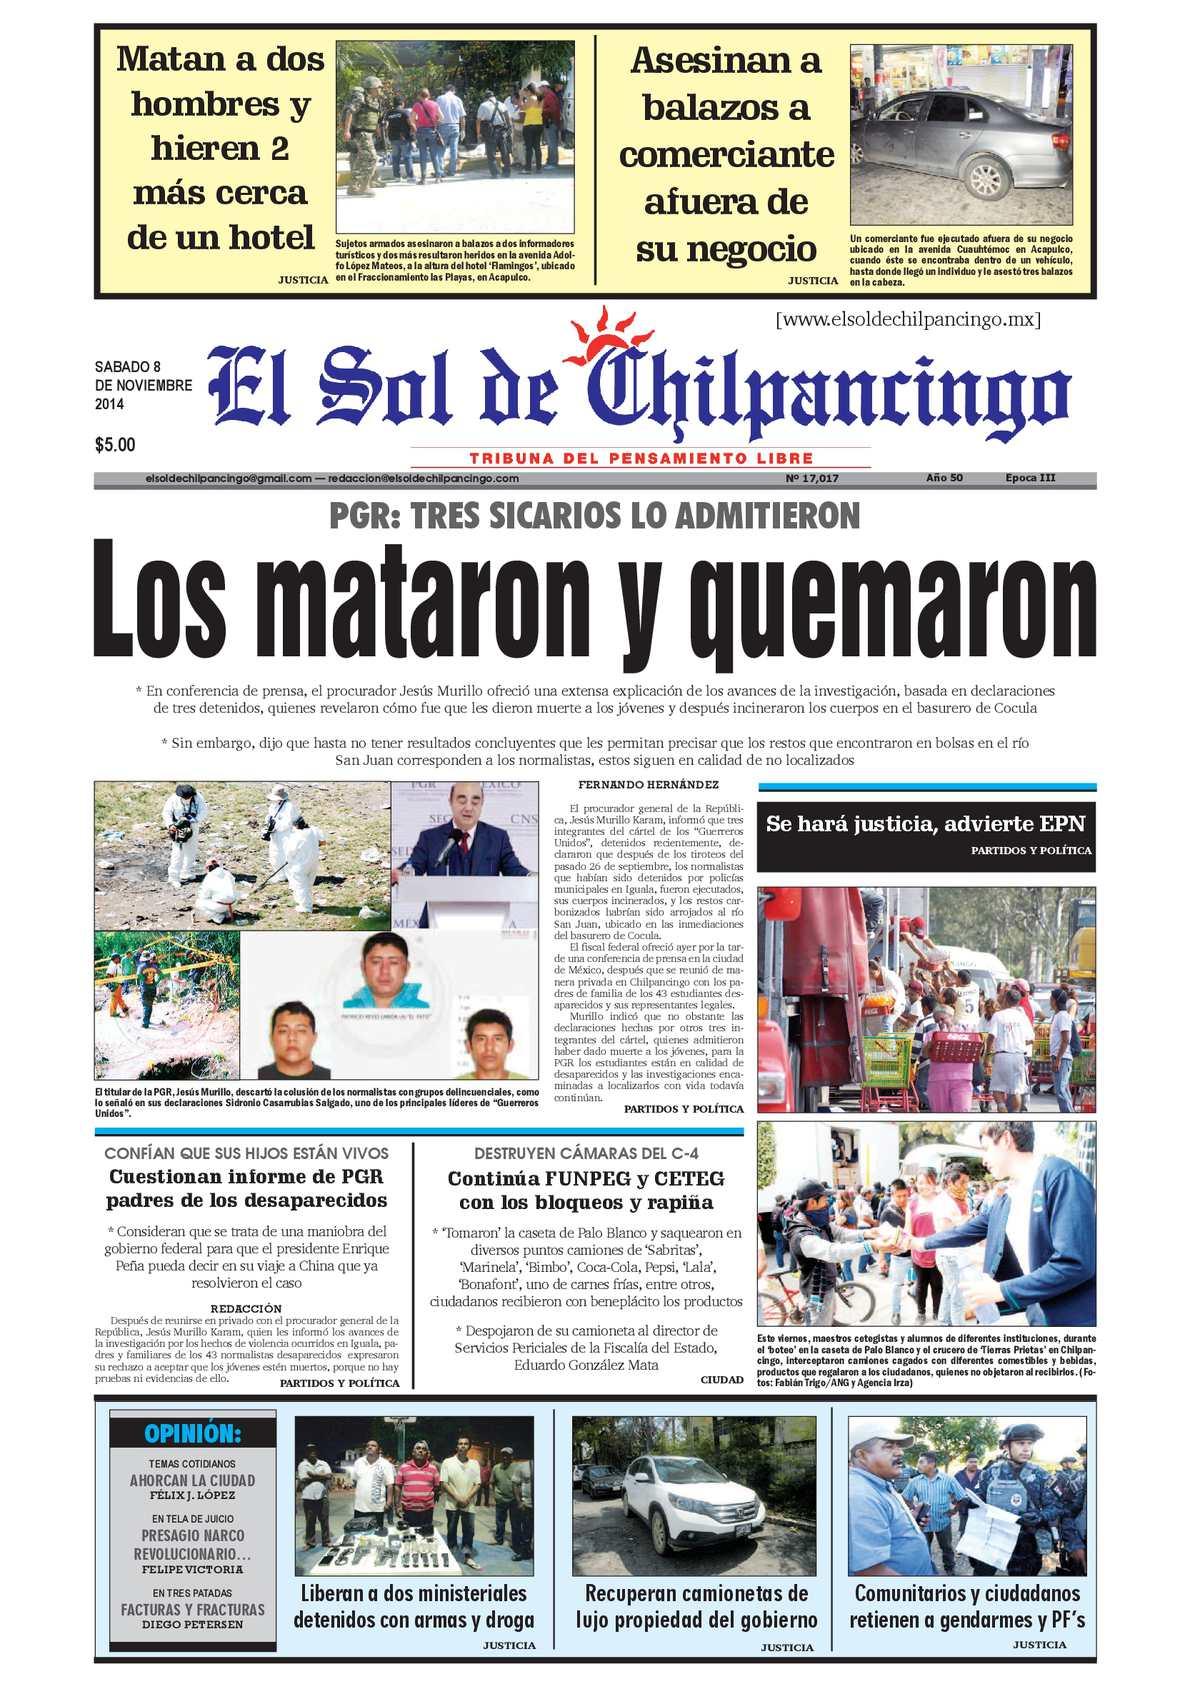 cc00a0da3 Calaméo - El Sol de Chilpancingo 8 Octubre 2014